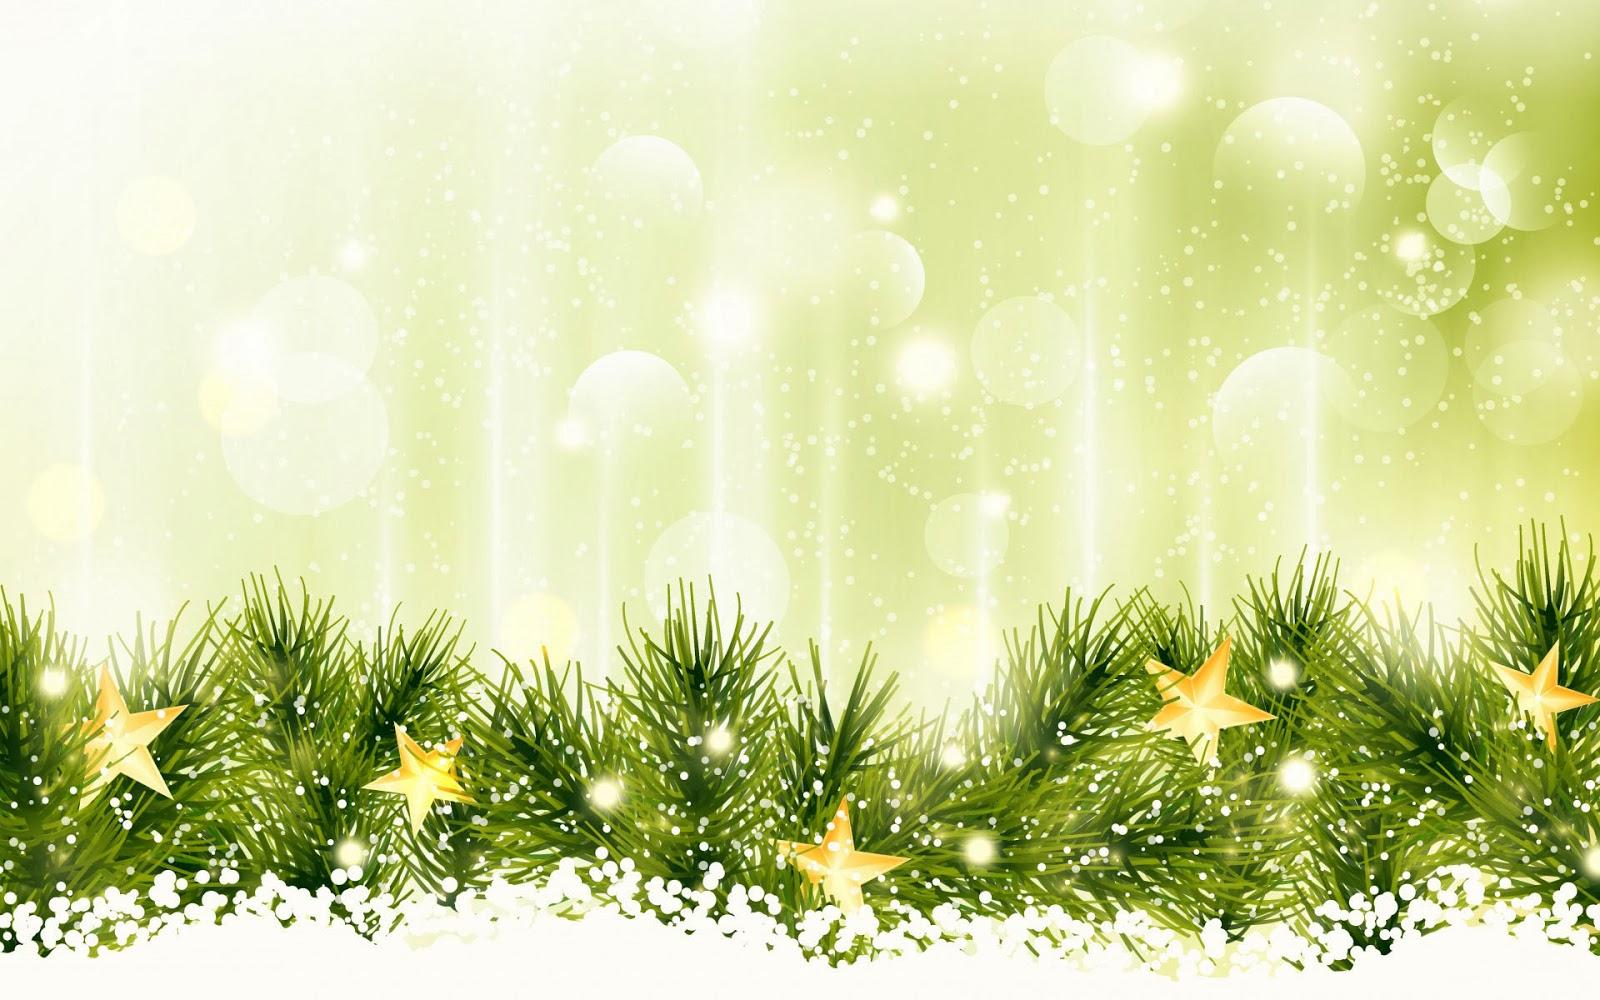 Desktop kostenlos weihnachten hintergrundbilder HD Hintergrundbilder